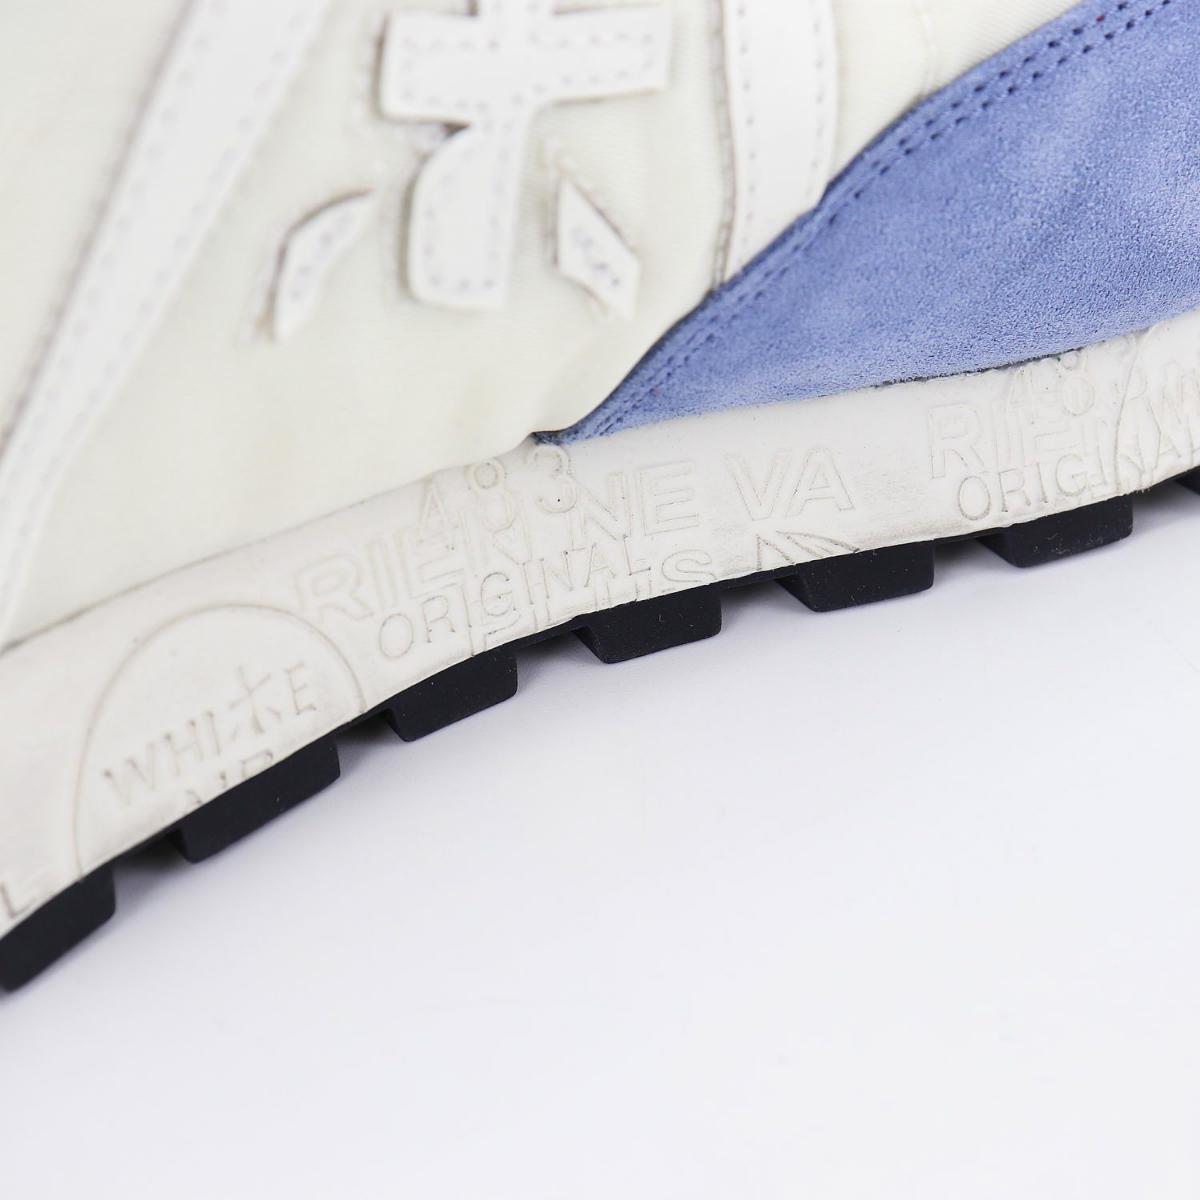 プレミアータホワイト PREMIATA WHITE メンズ ナイロン スエード ローカットスニーカー JOHN LOW PRH WH/BL(ホワイト) 春夏新作